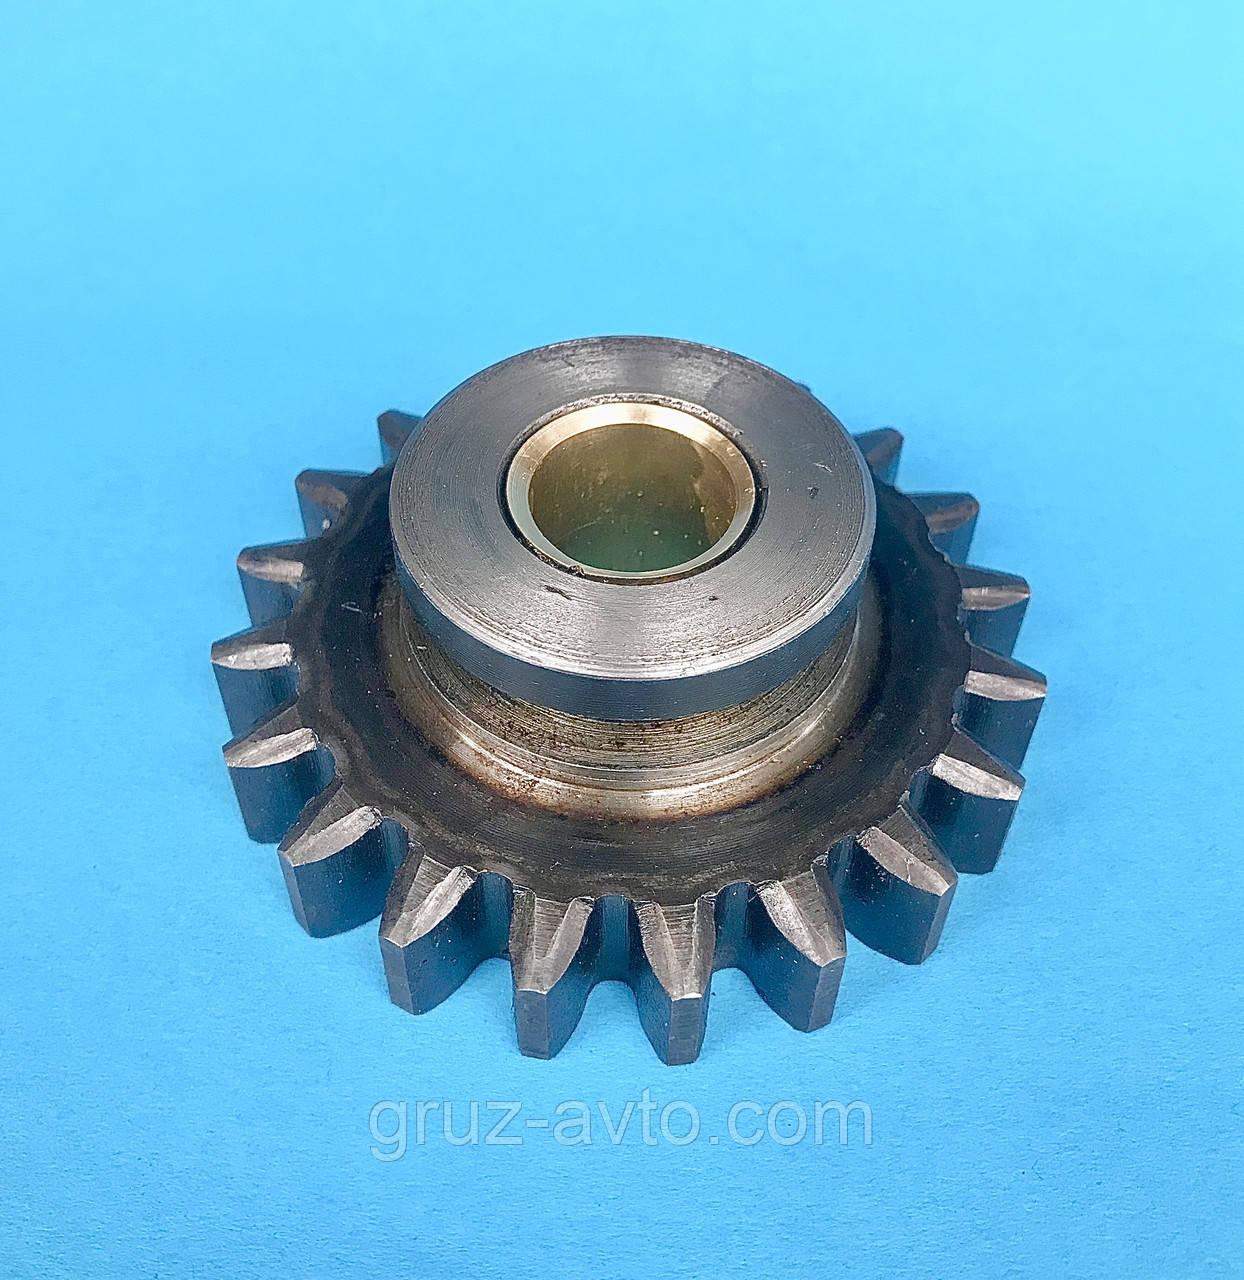 Шестерня пневмокомпрессора Д-245 посилена, ширина зуба-9мм. 12мм 14мм. Z-20 зіл-Бичок Маз-Зубренок Газ-3309